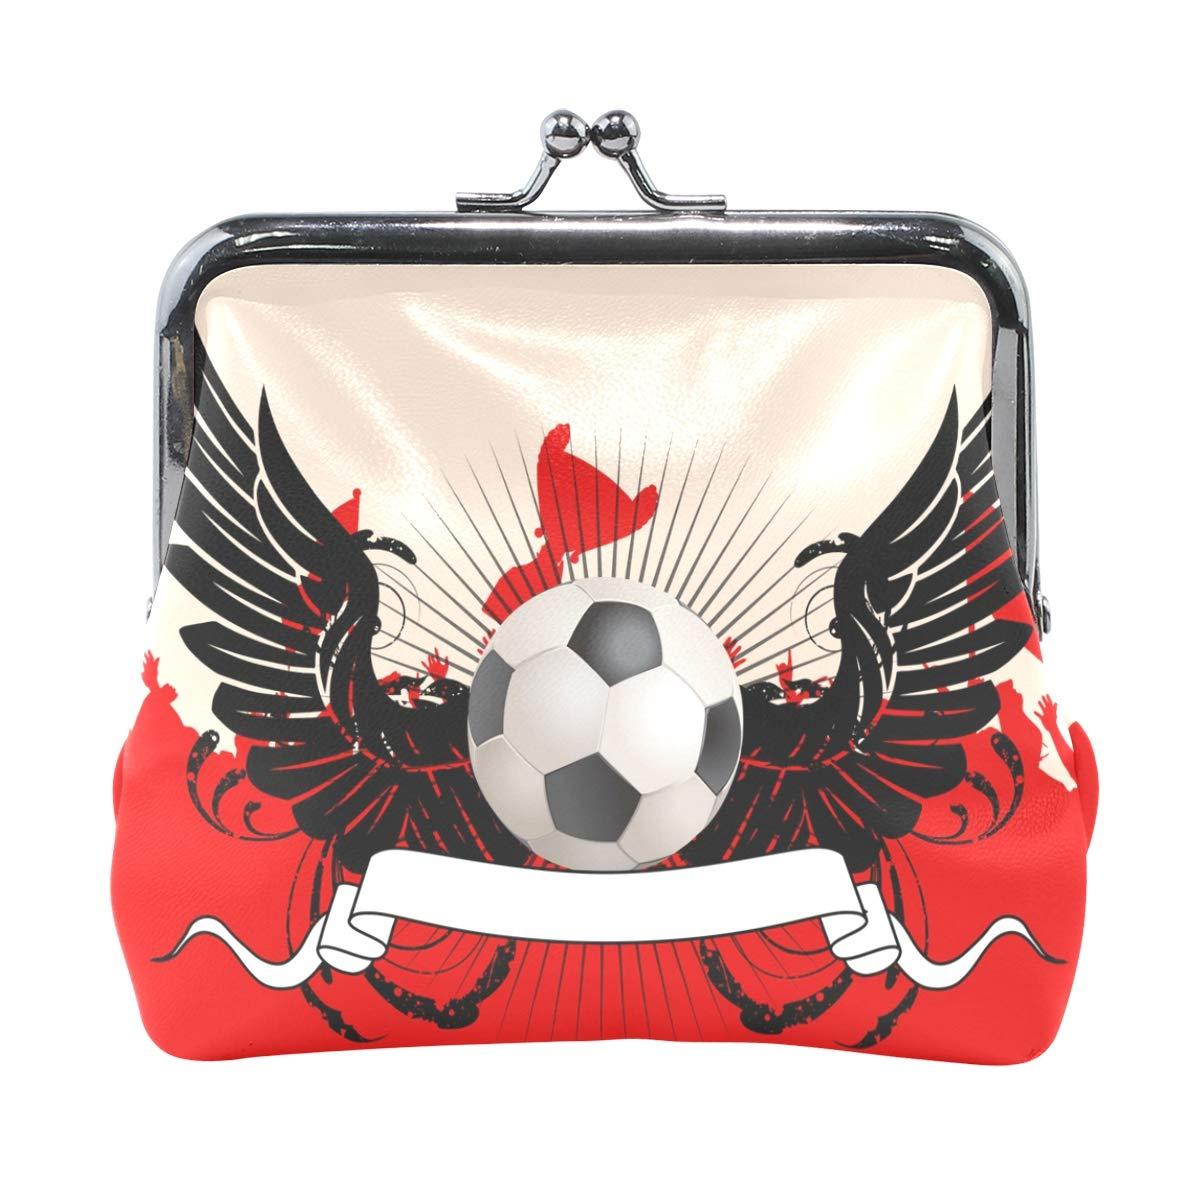 LALATOP Soccer Fans Womens Coin Pouch Purse wallet Card Holder Clutch Handbag